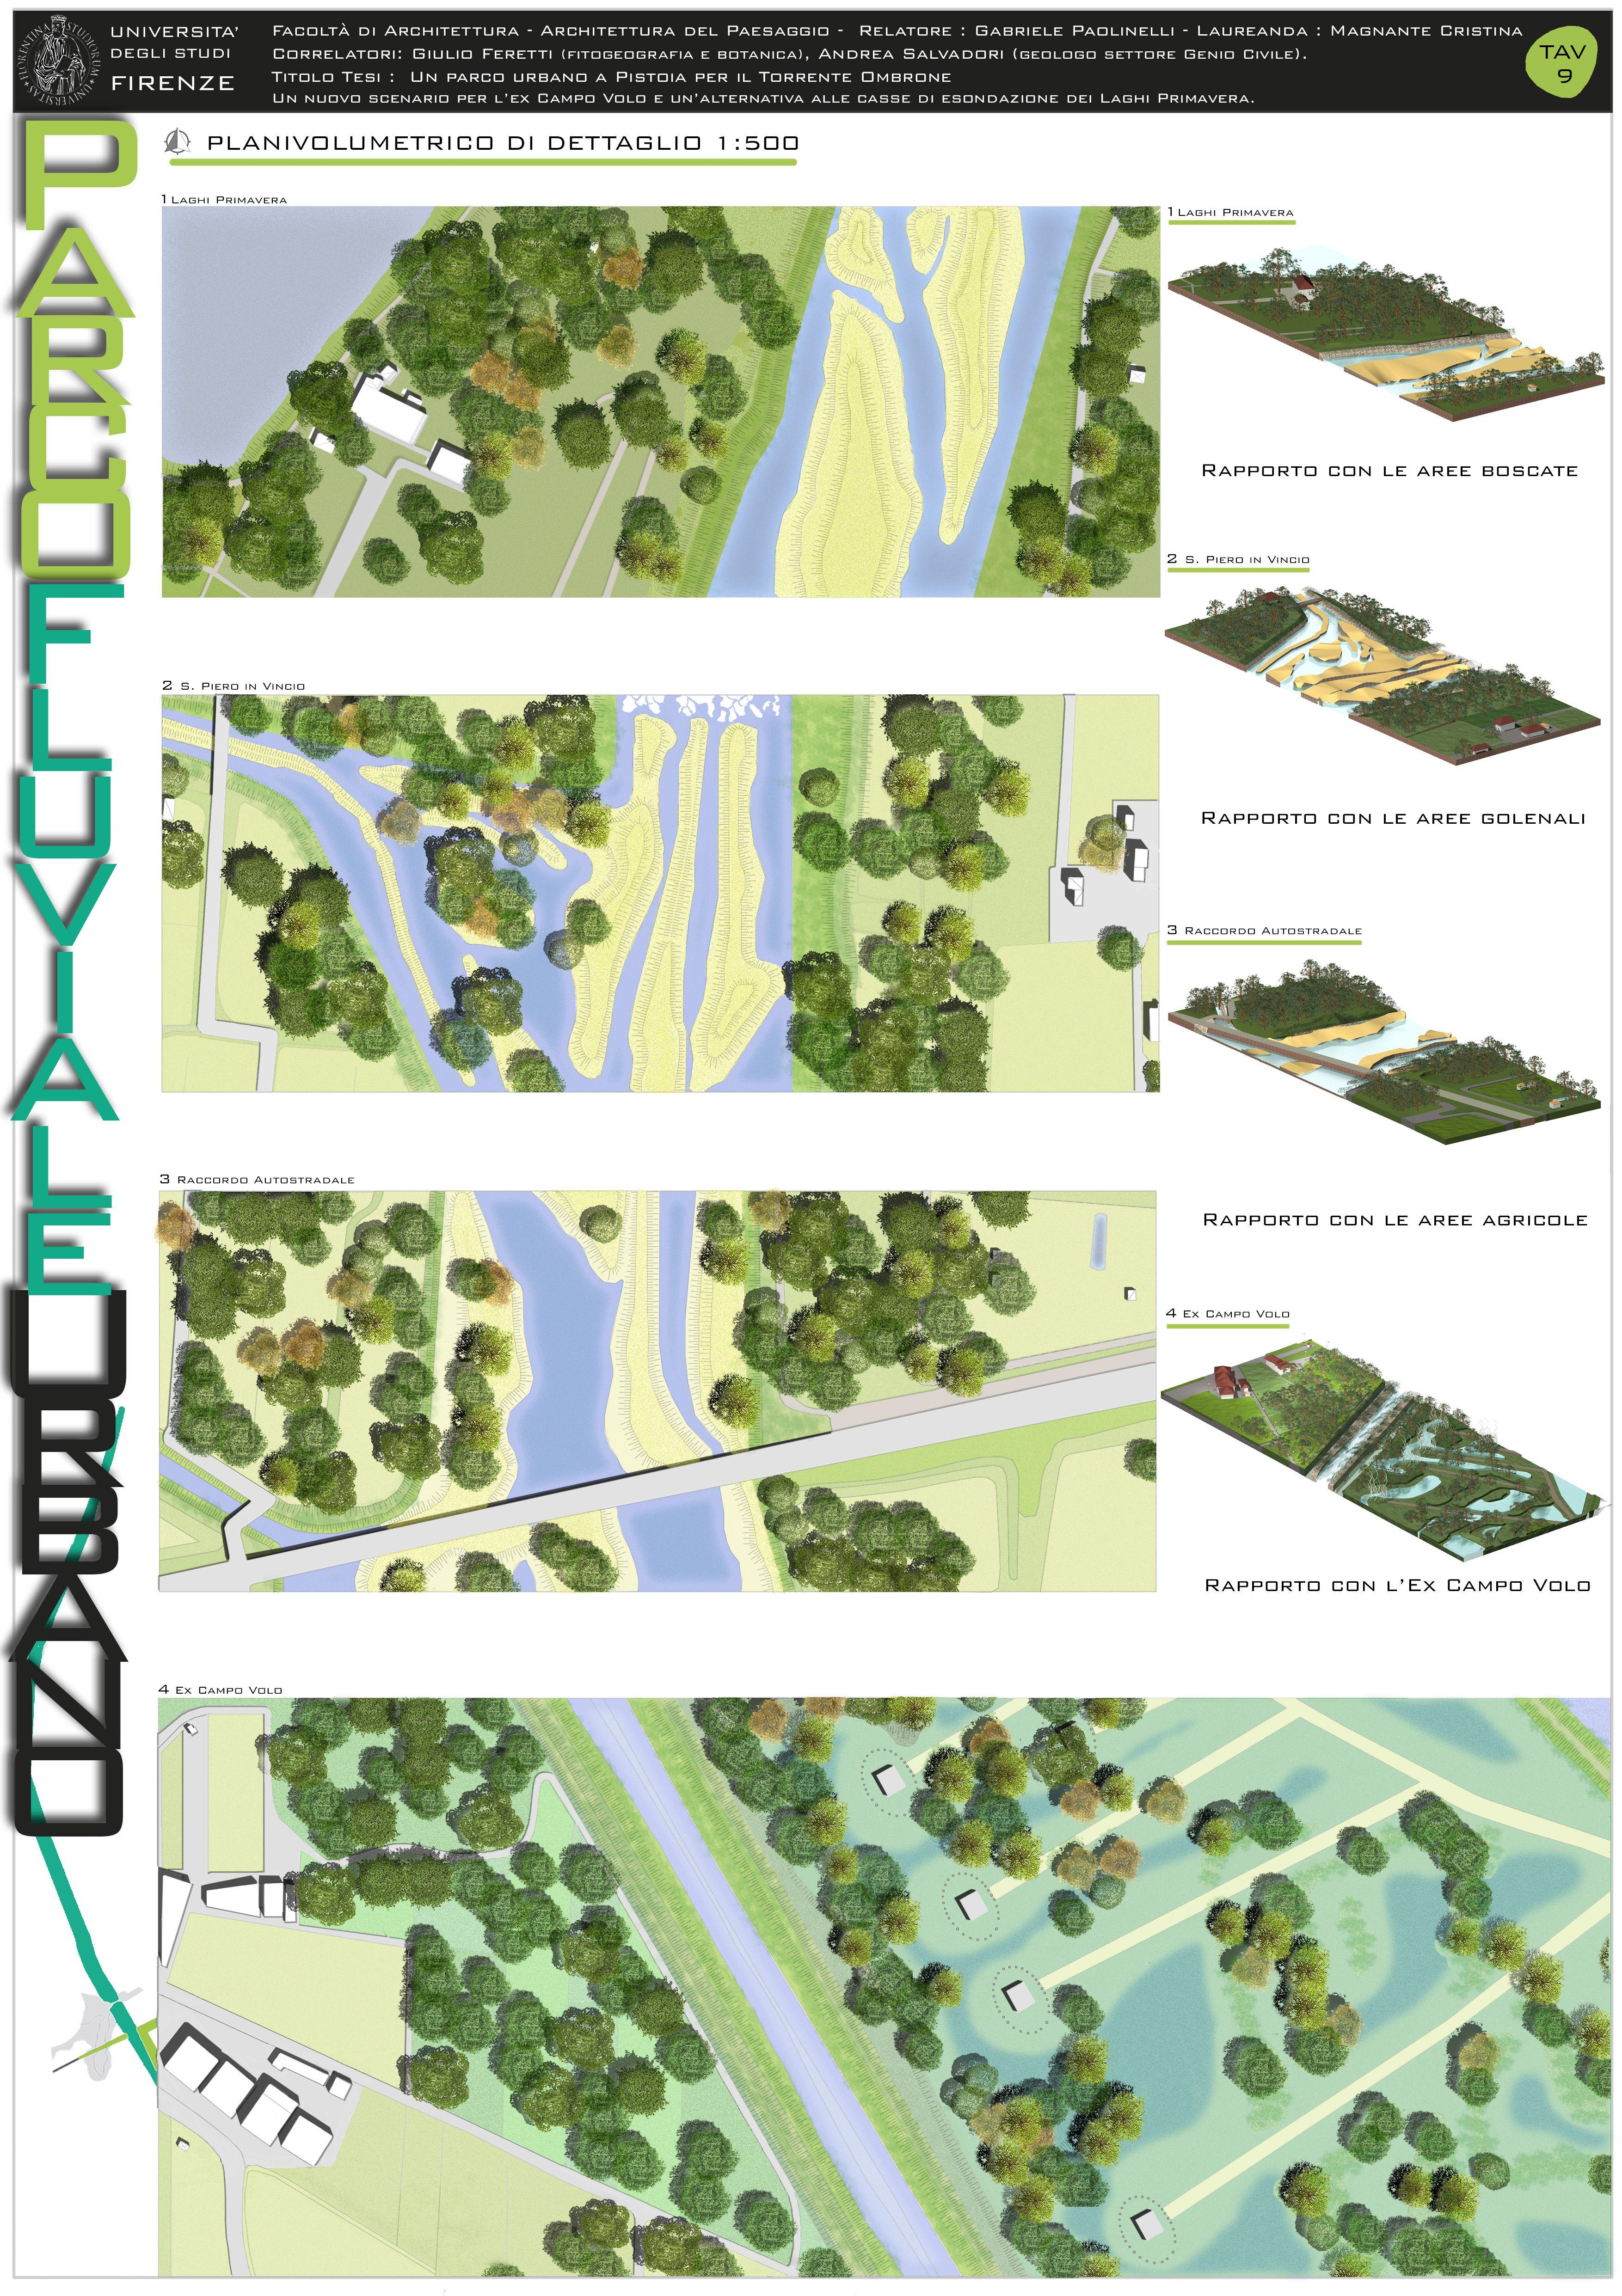 Parco Fluviale UrbanoTorrente Ombrone Pistoia Allargamento Golenale Sicurezza Idraulia